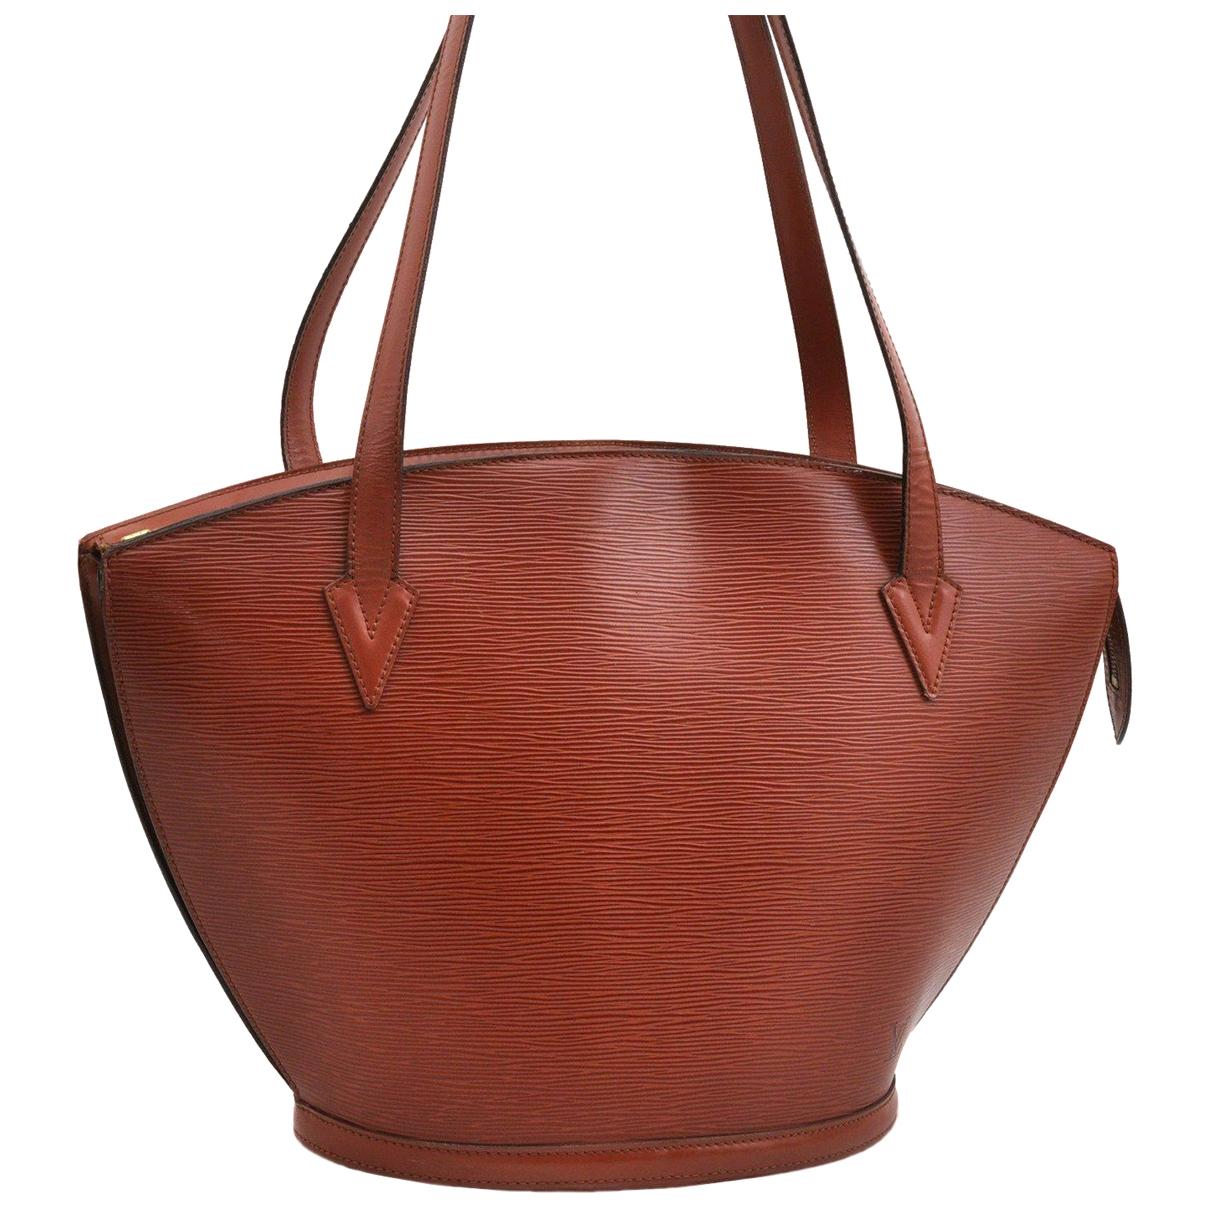 Louis Vuitton - Sac a main Saint Jacques pour femme en cuir - marron